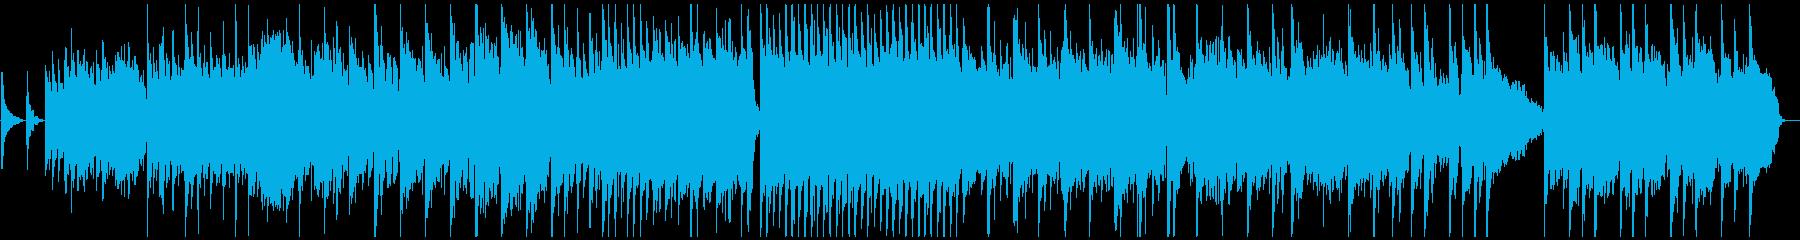 どこか懐かしい和テイストなバラードの再生済みの波形